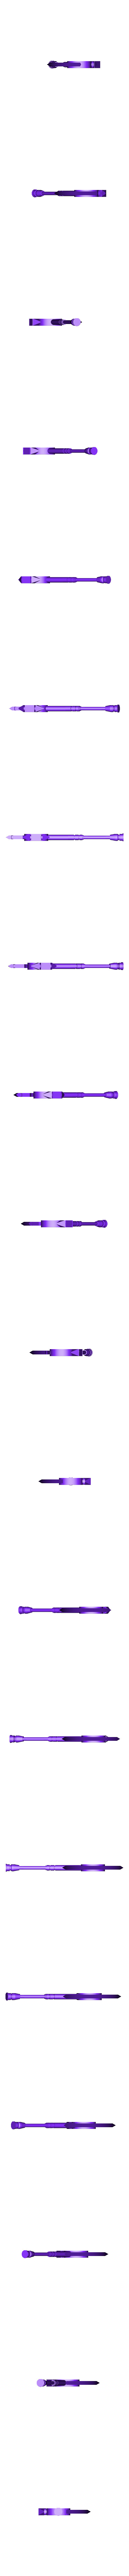 nornaxesingle.stl Télécharger fichier STL gratuit Hache de main de Norn Guild Wars 2 • Modèle pour imprimante 3D, reakain